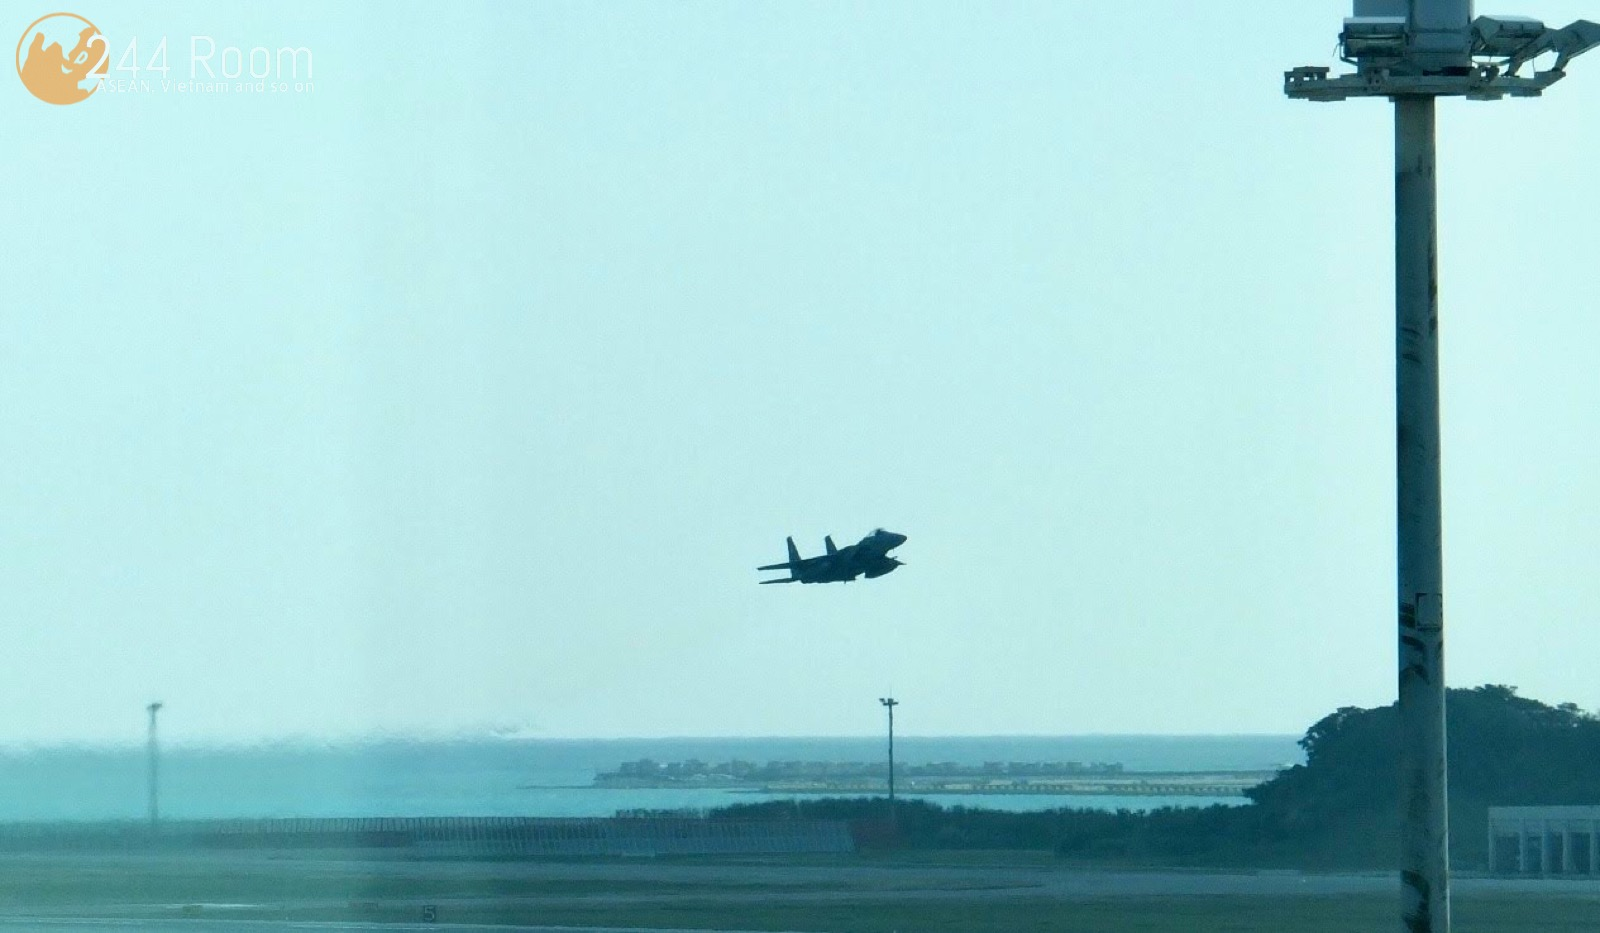 F15 Fighter Jet F15戦闘機のスクランブル